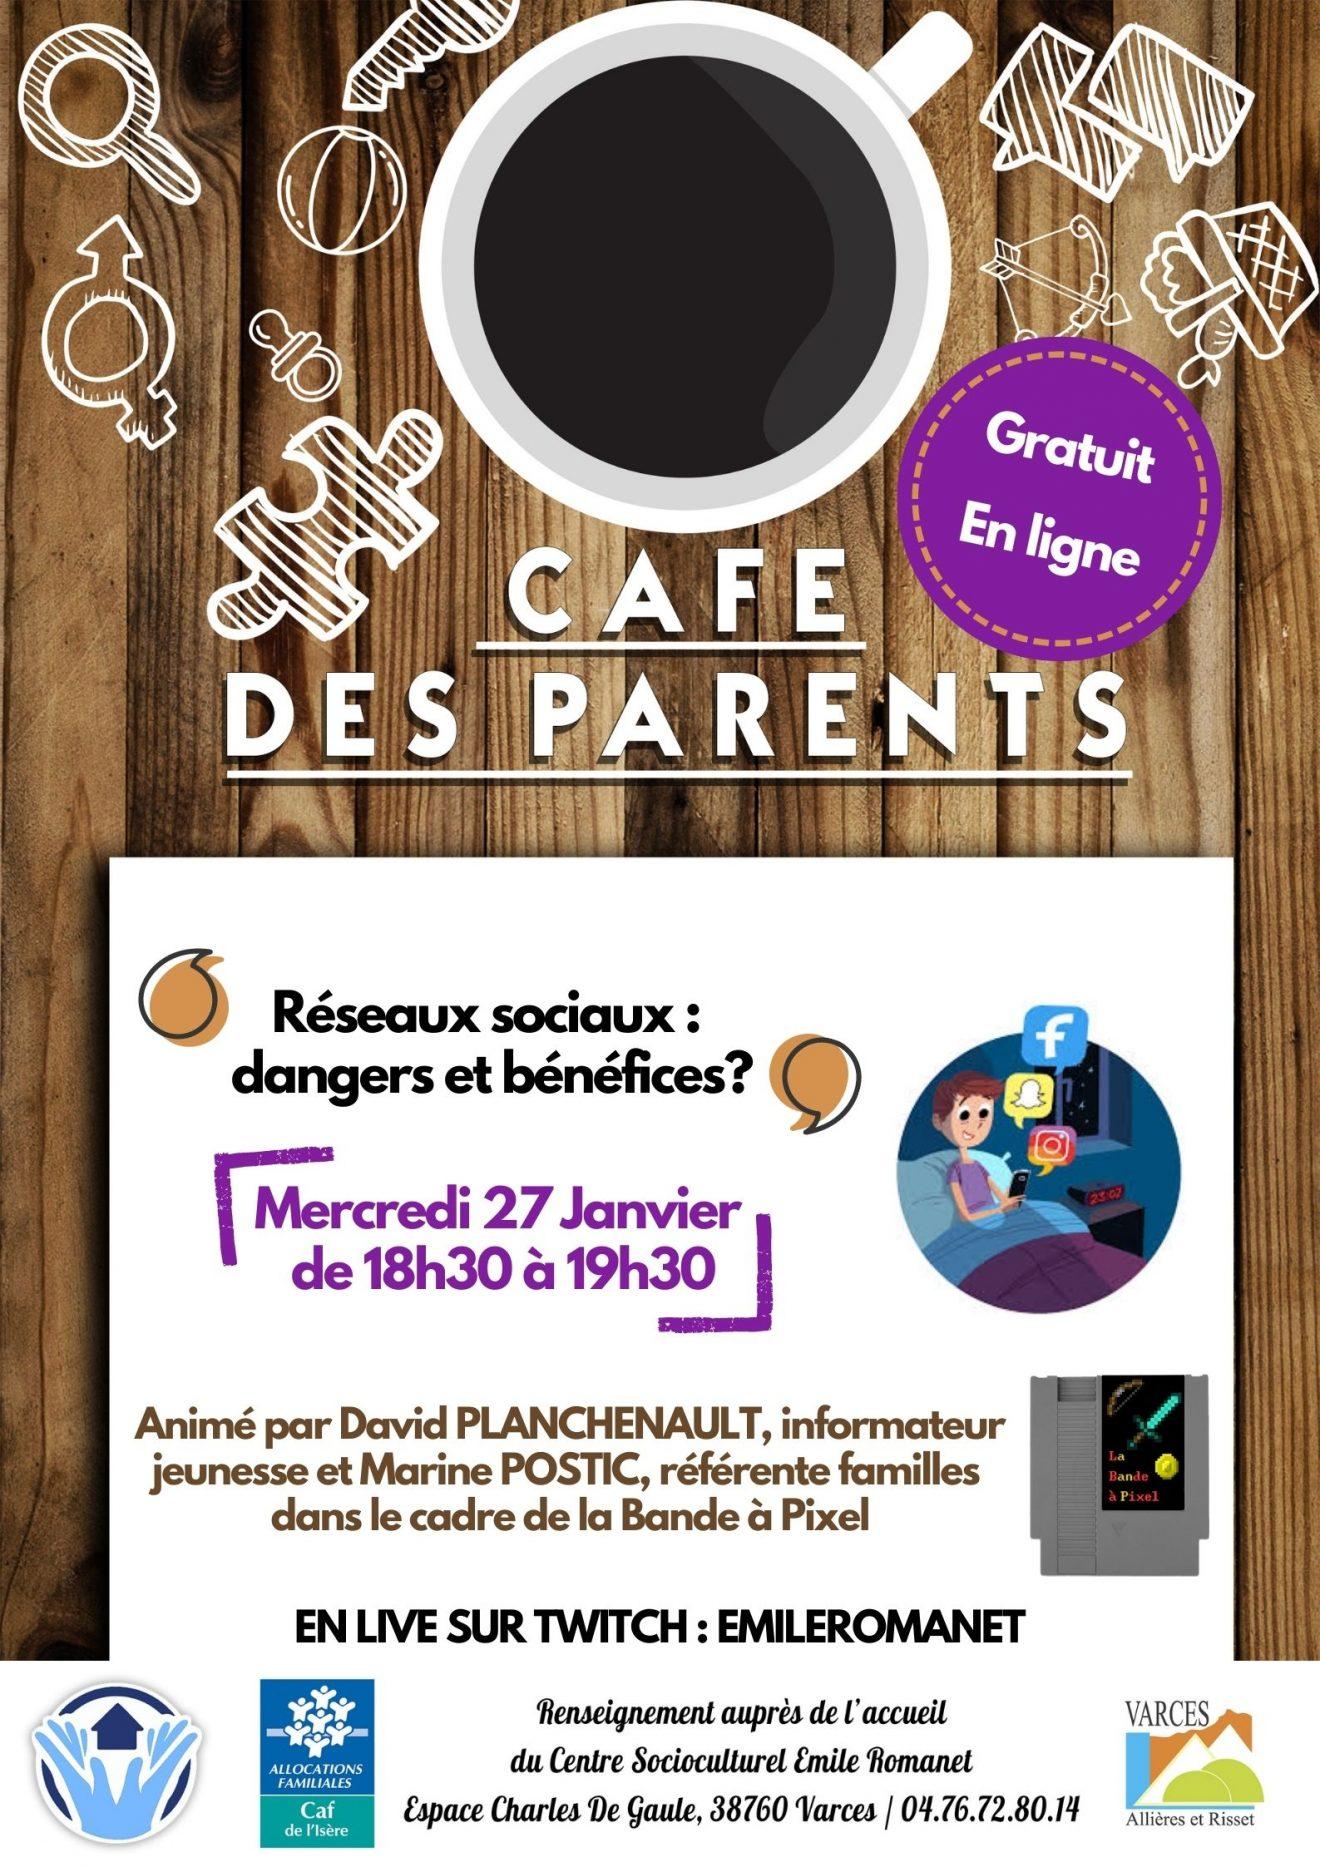 Cafe-des-parents-reseaux-sociaux-2